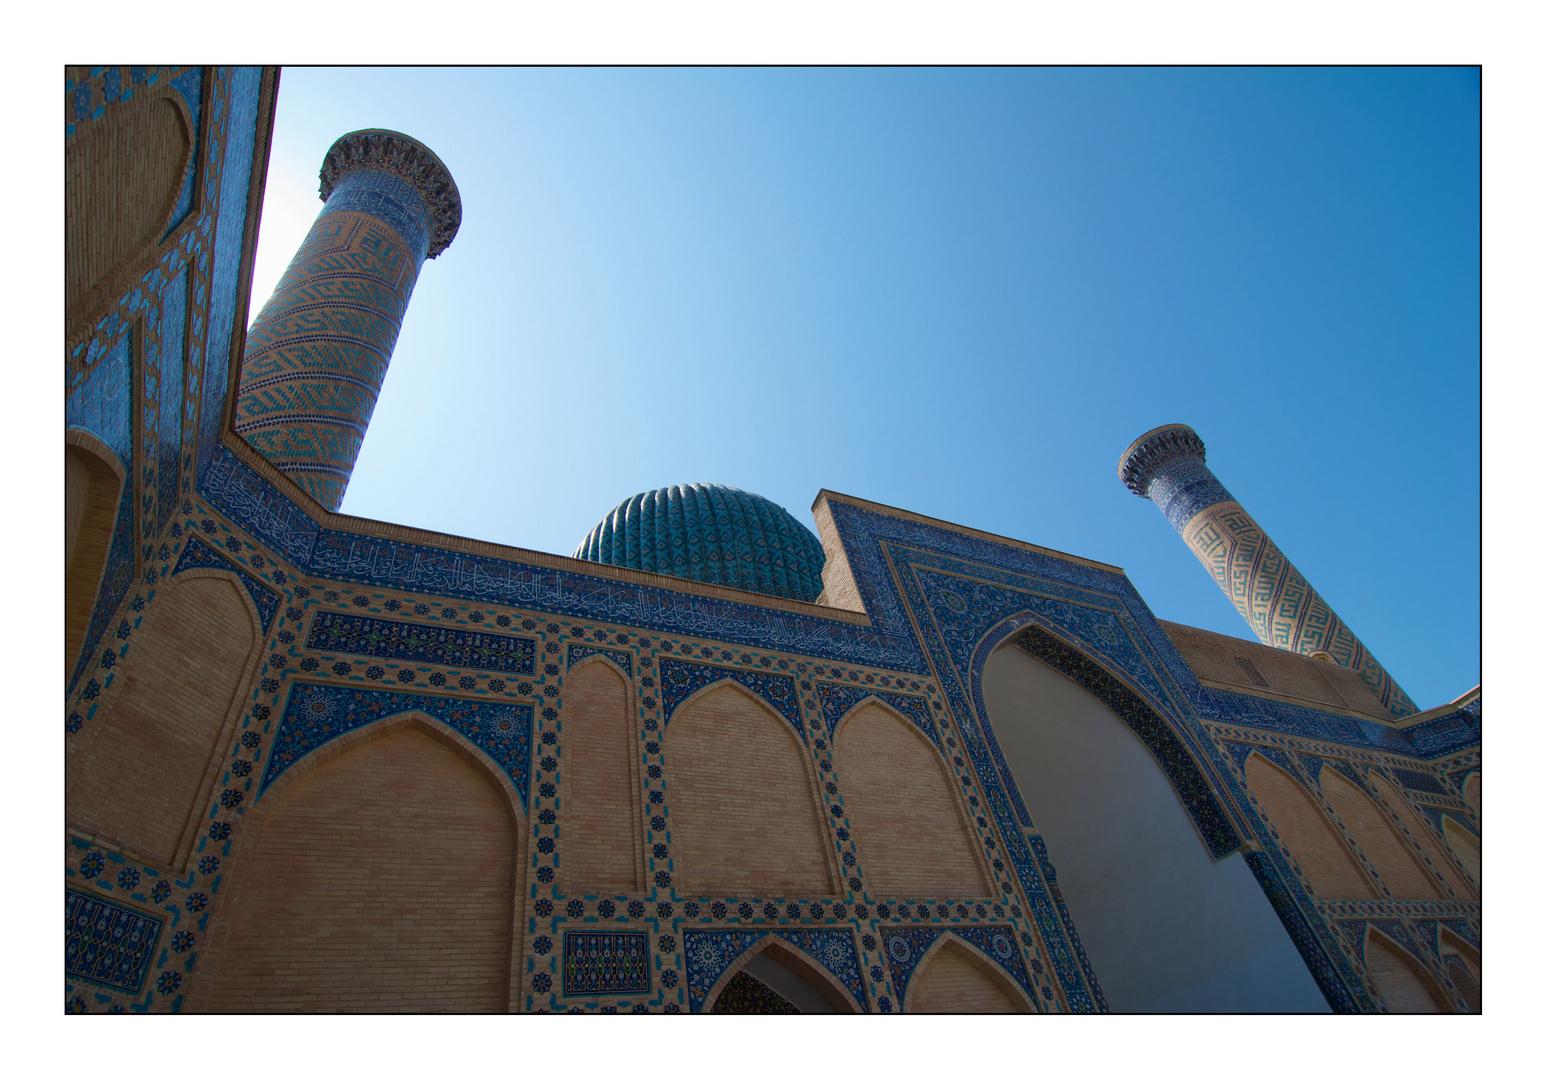 Gur-Emir Mausoleum - Samarkand